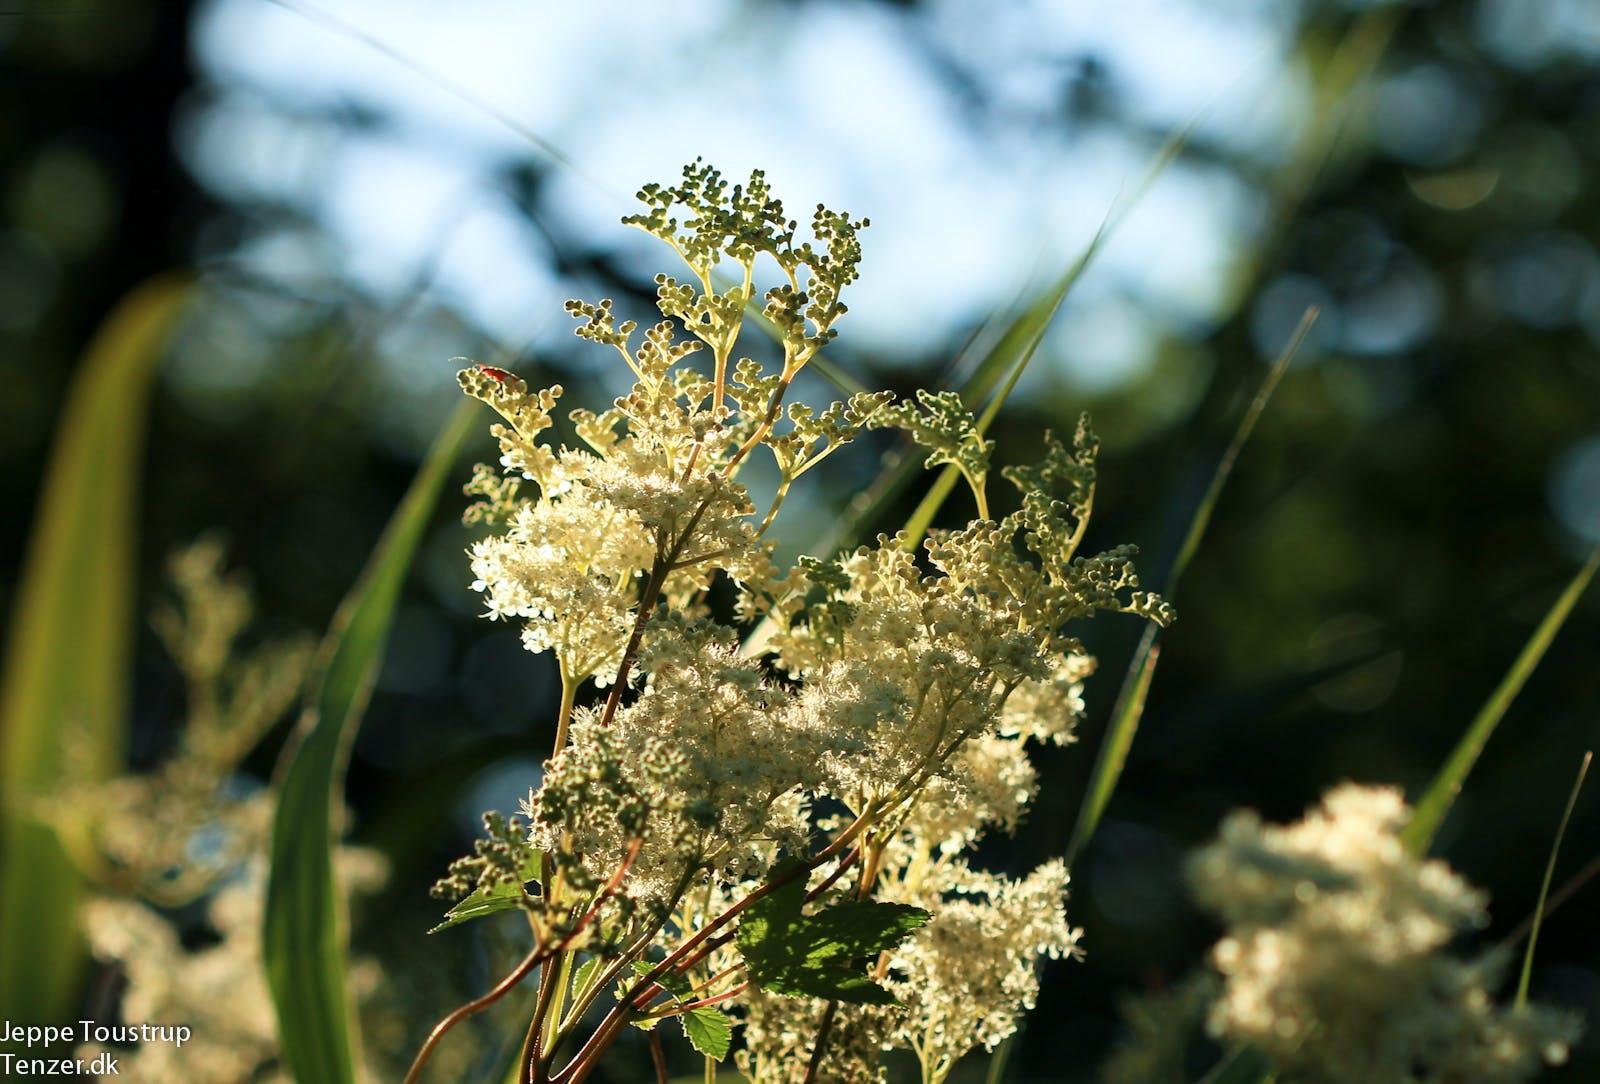 blomst natur gladsaxe